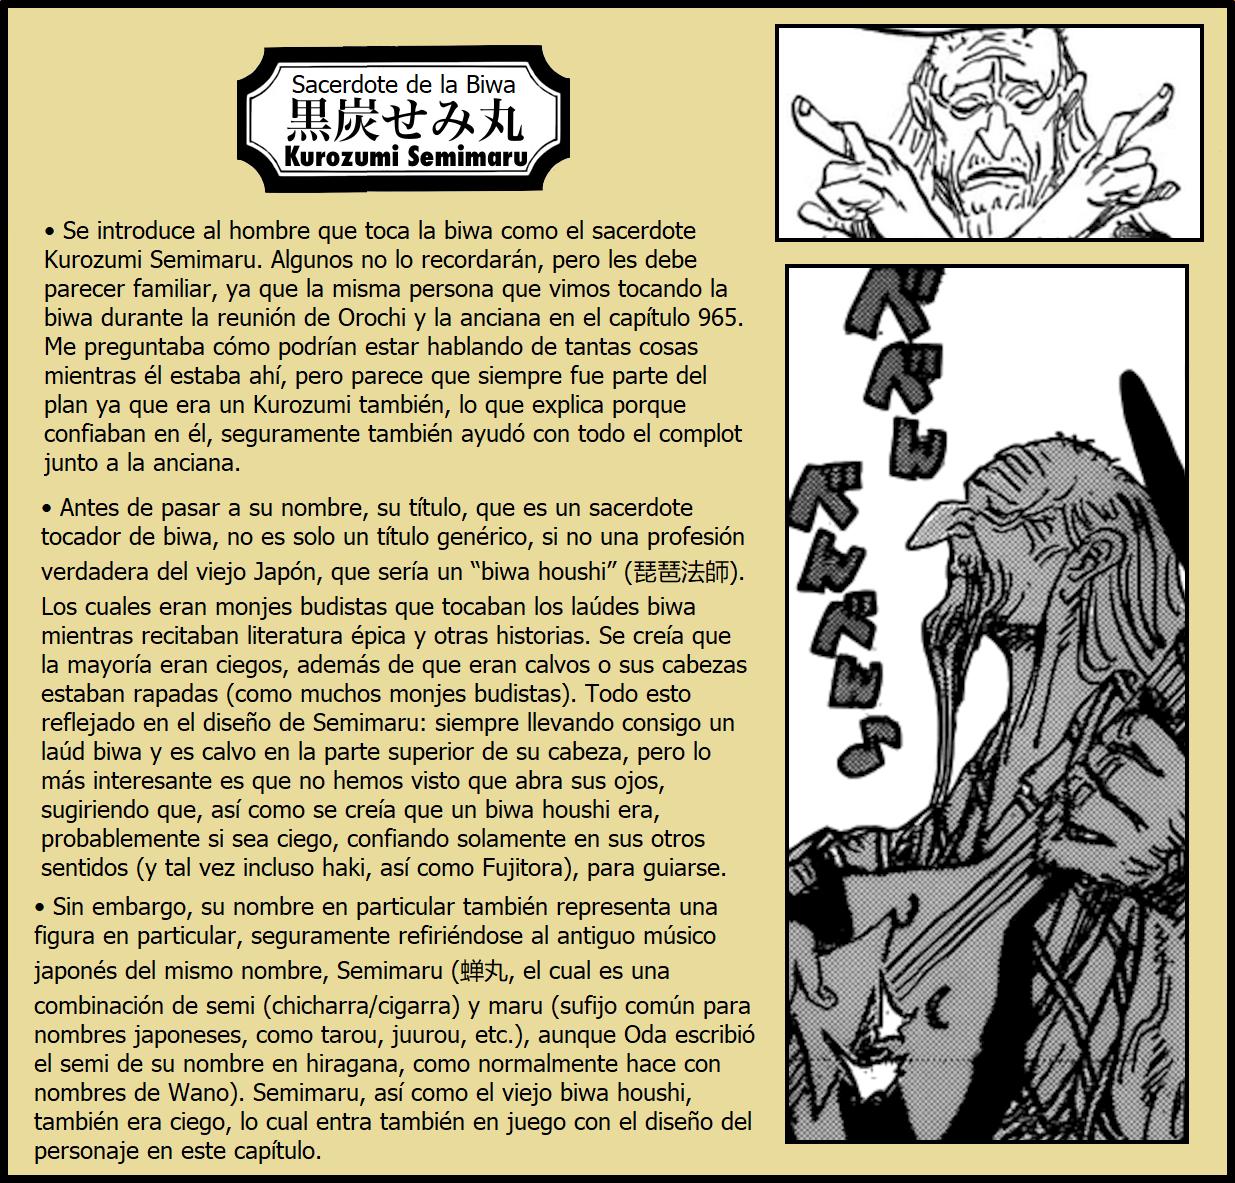 Secretos & Curiosidades - One Piece Manga 969 03